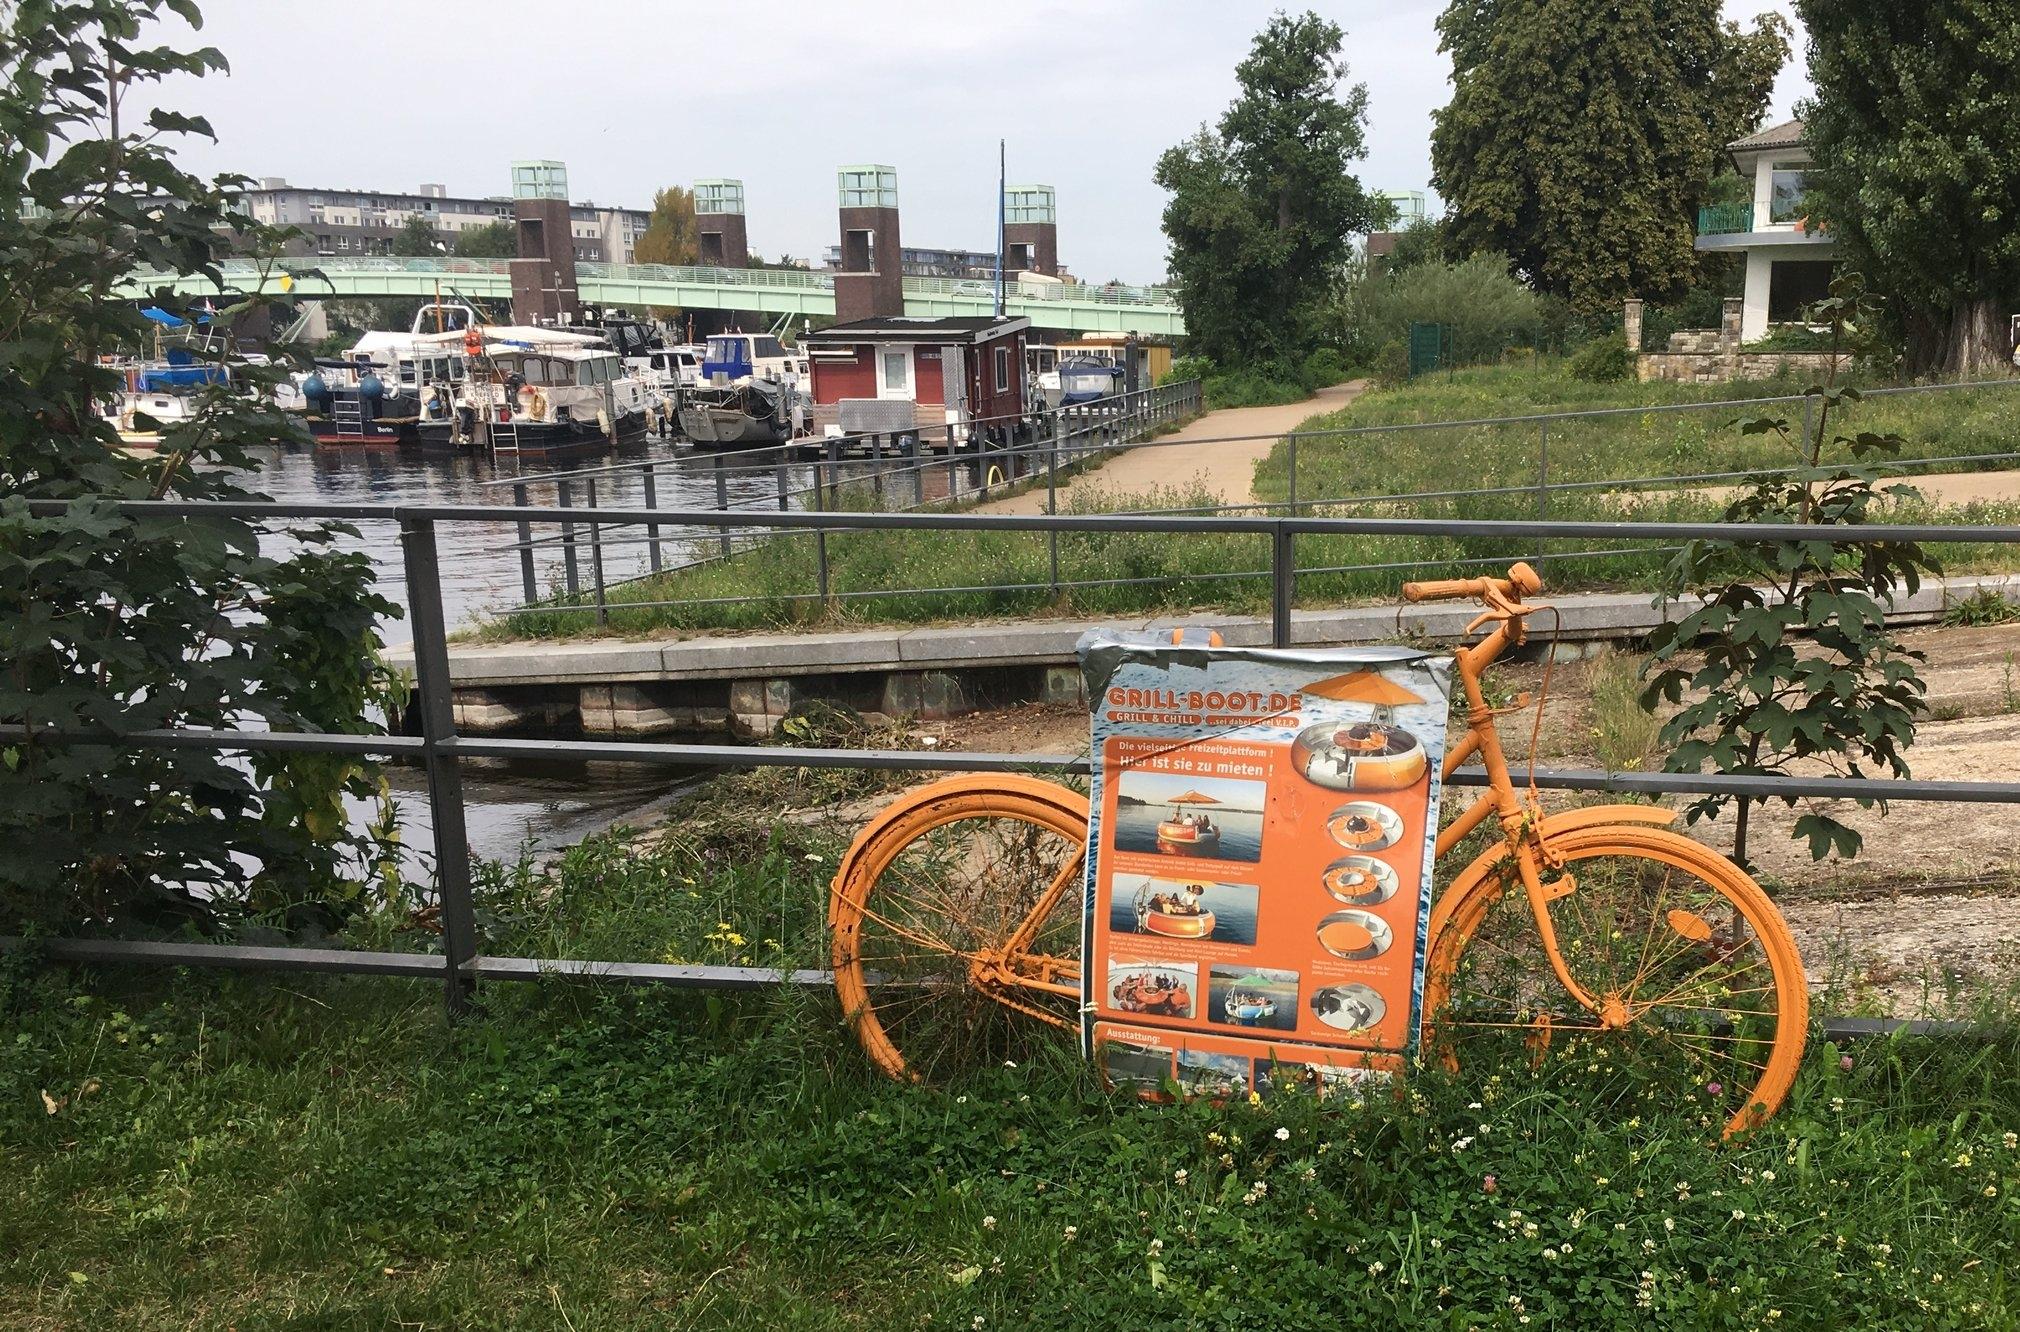 Grillboot-Spandau-Berlin